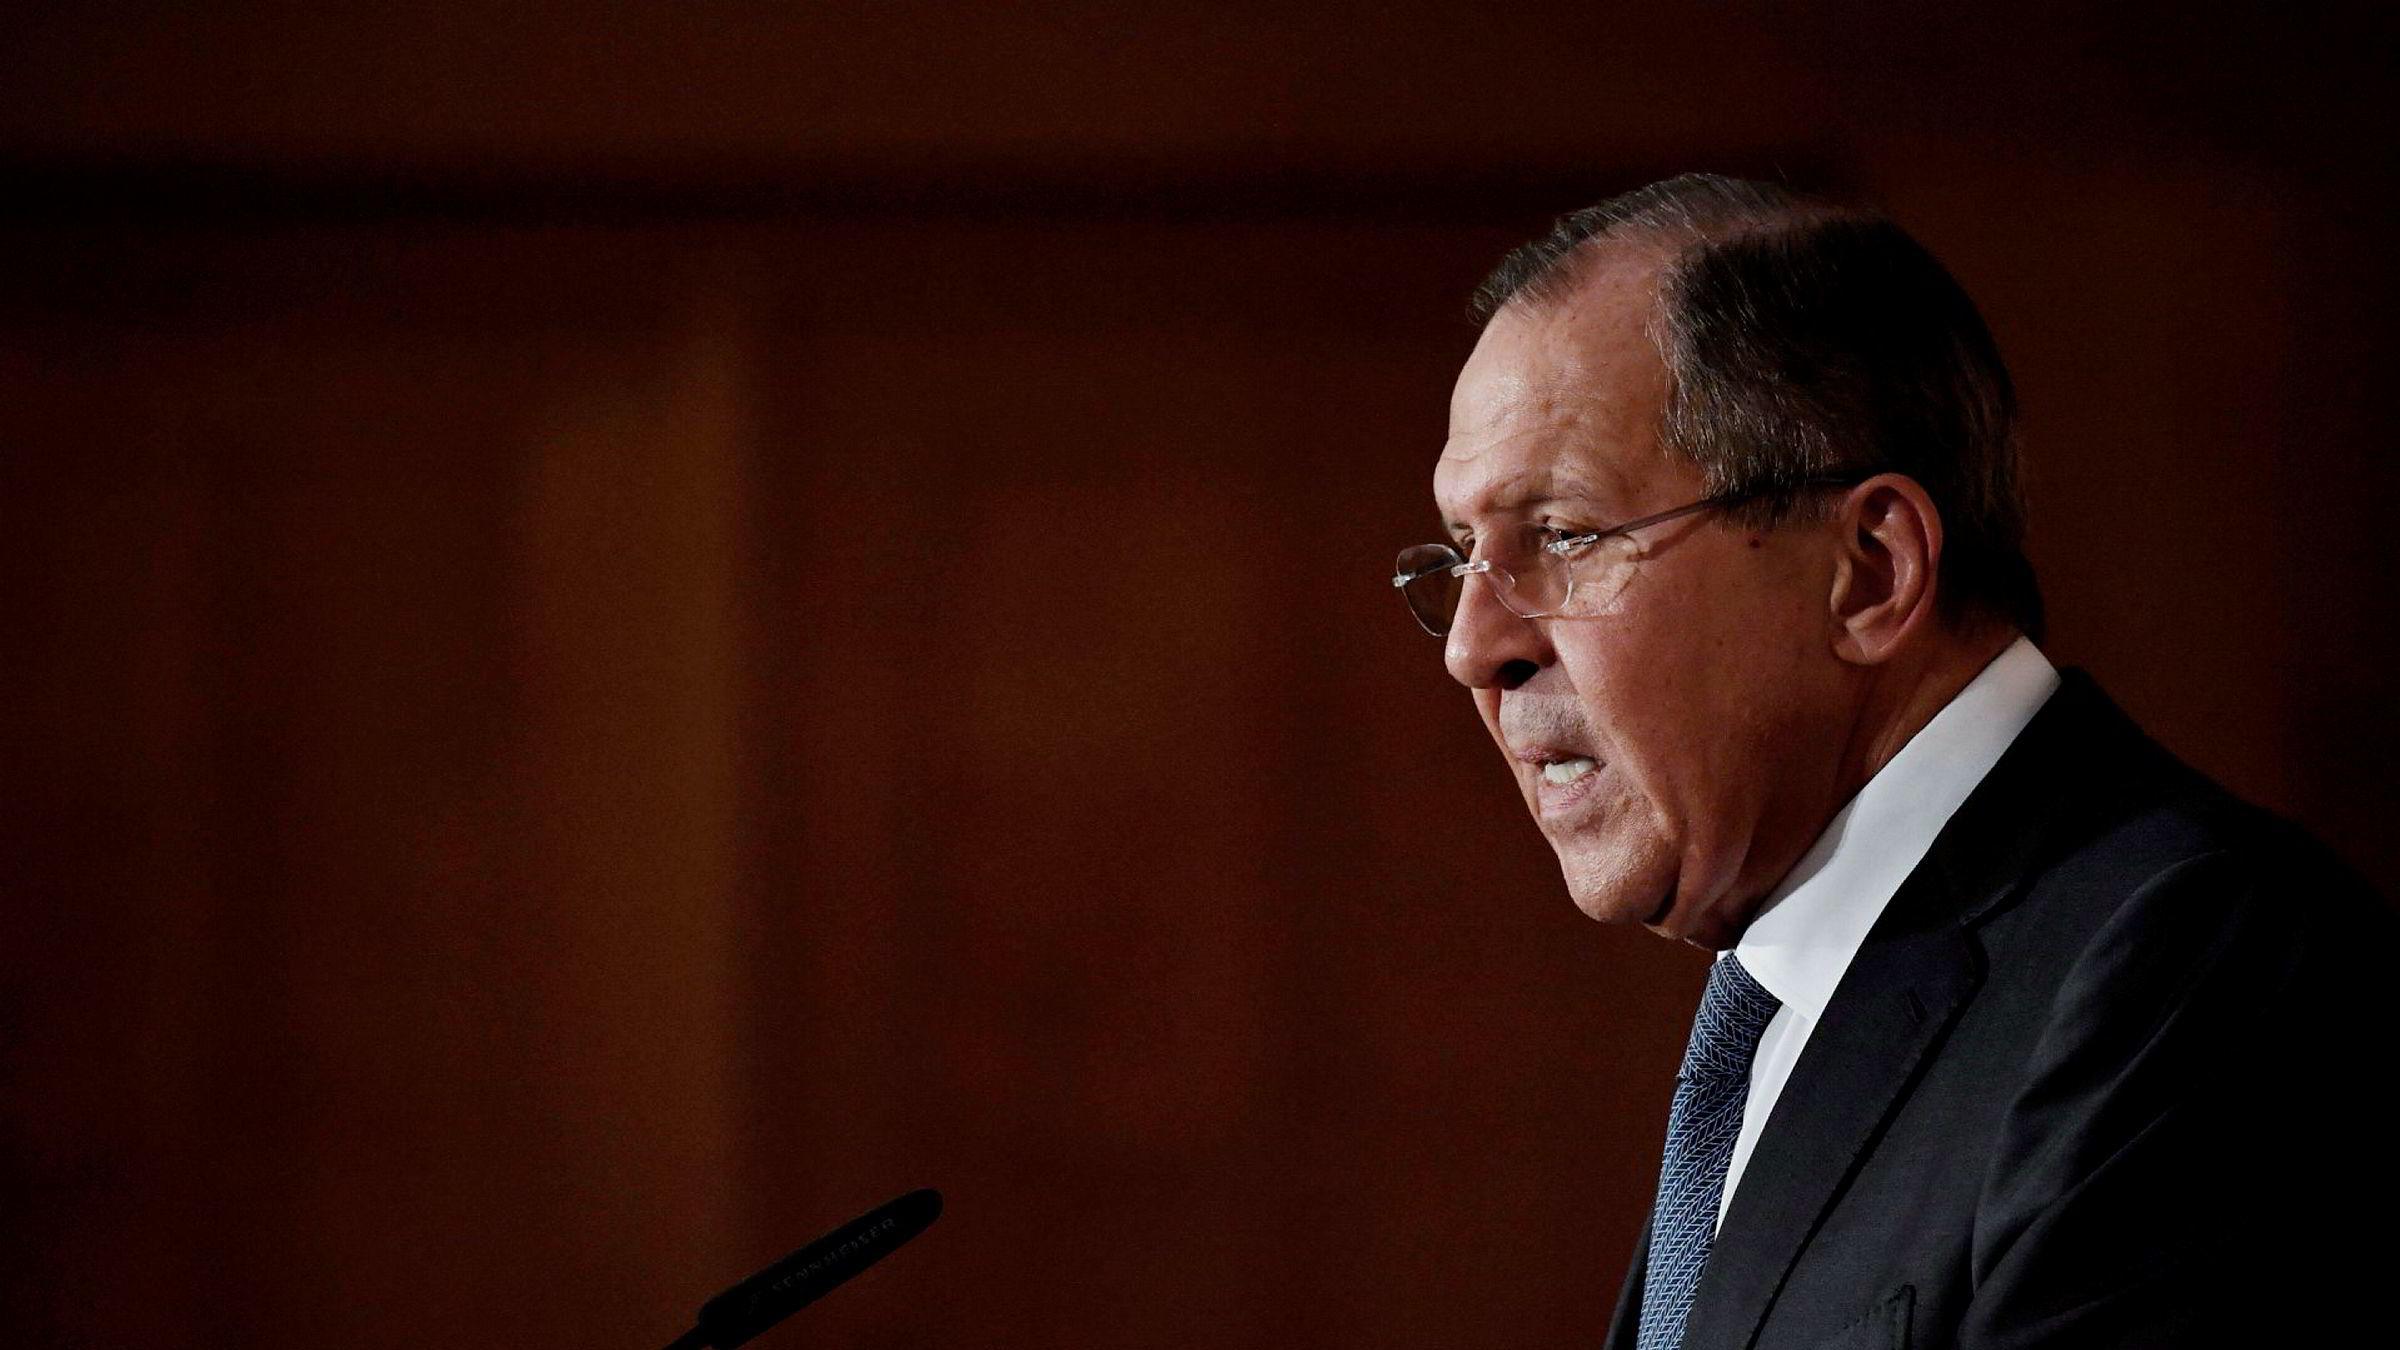 Russlands utenriksminister Sergej Lavrov sier at den nye amerikanske strategien «legger vekt på maktbruk», og legger til at «dette er en plan vi ikke tror vil føre frem».